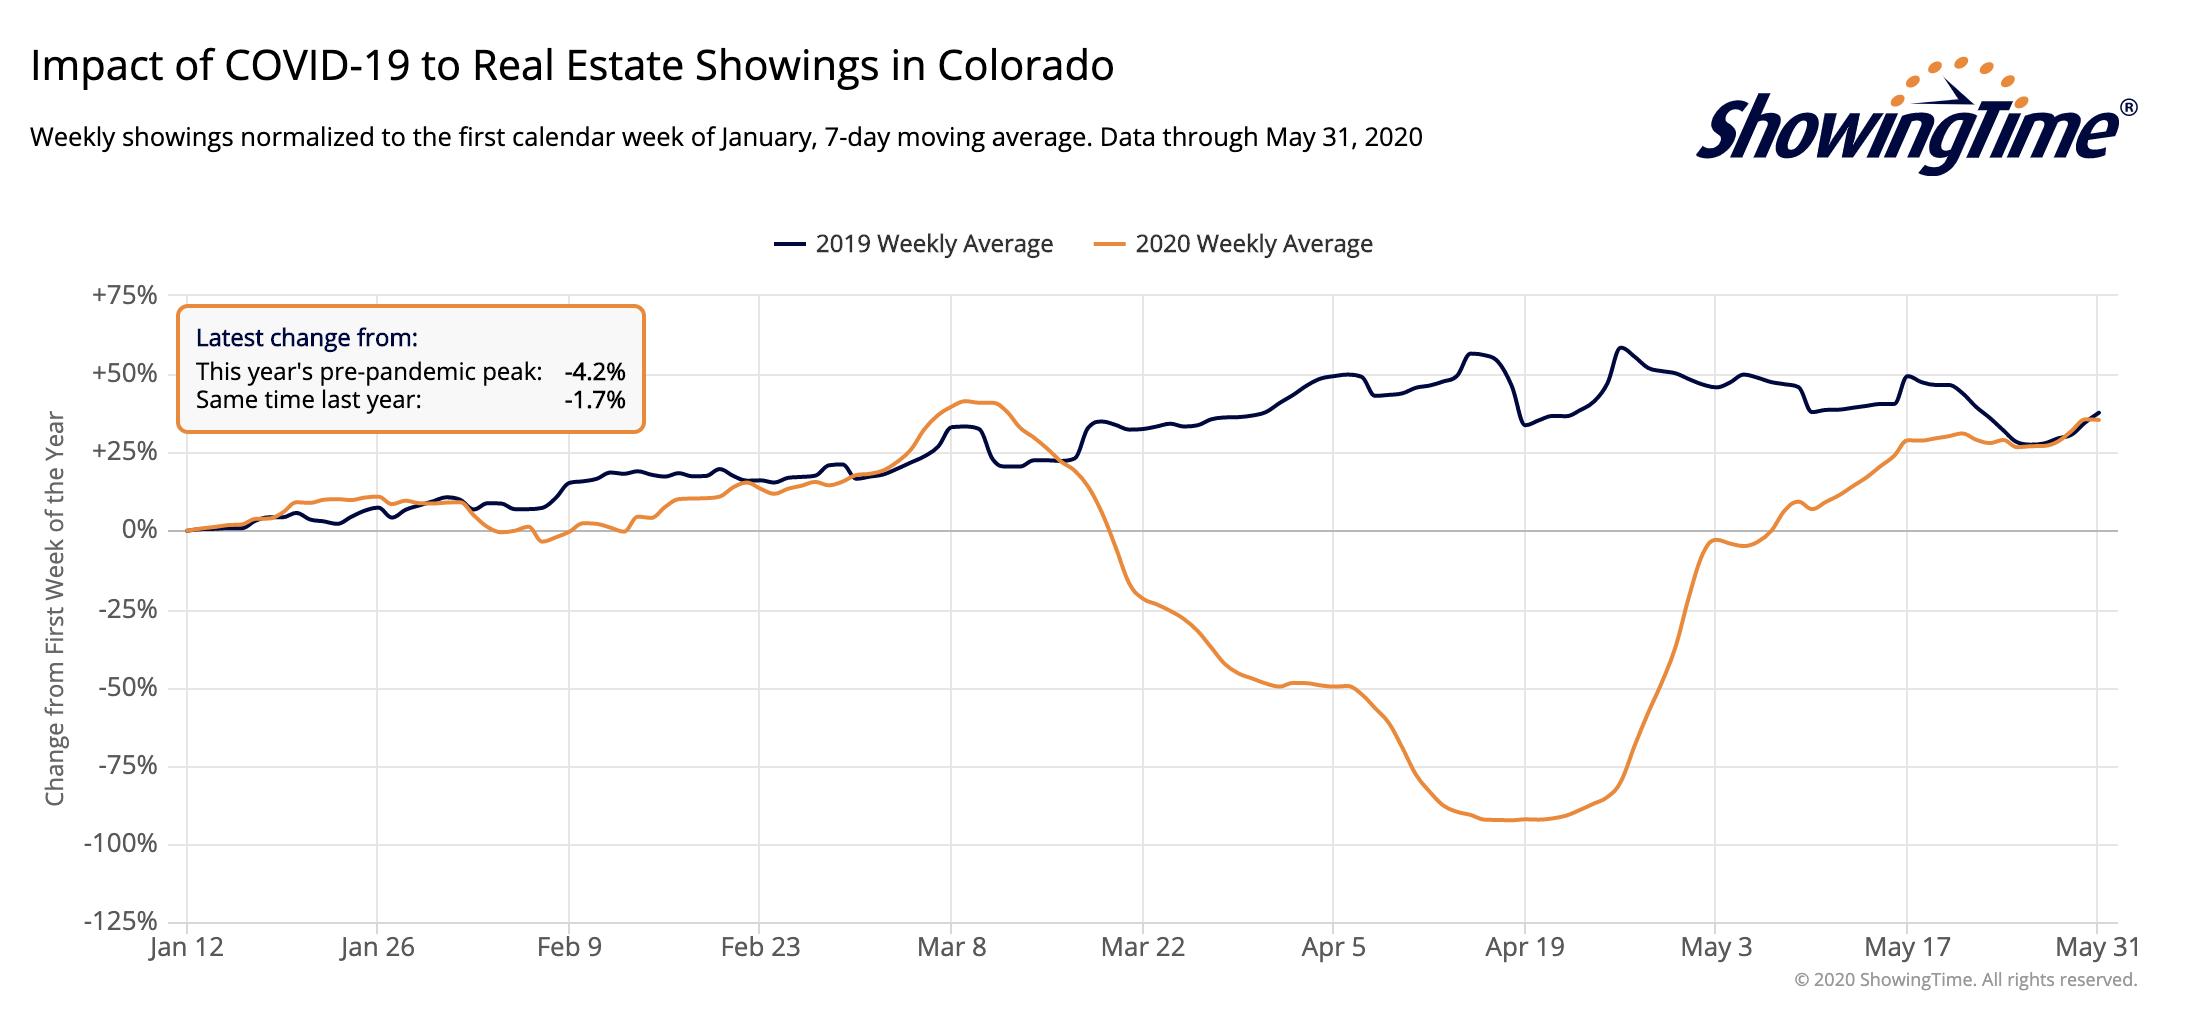 Colorado Showings